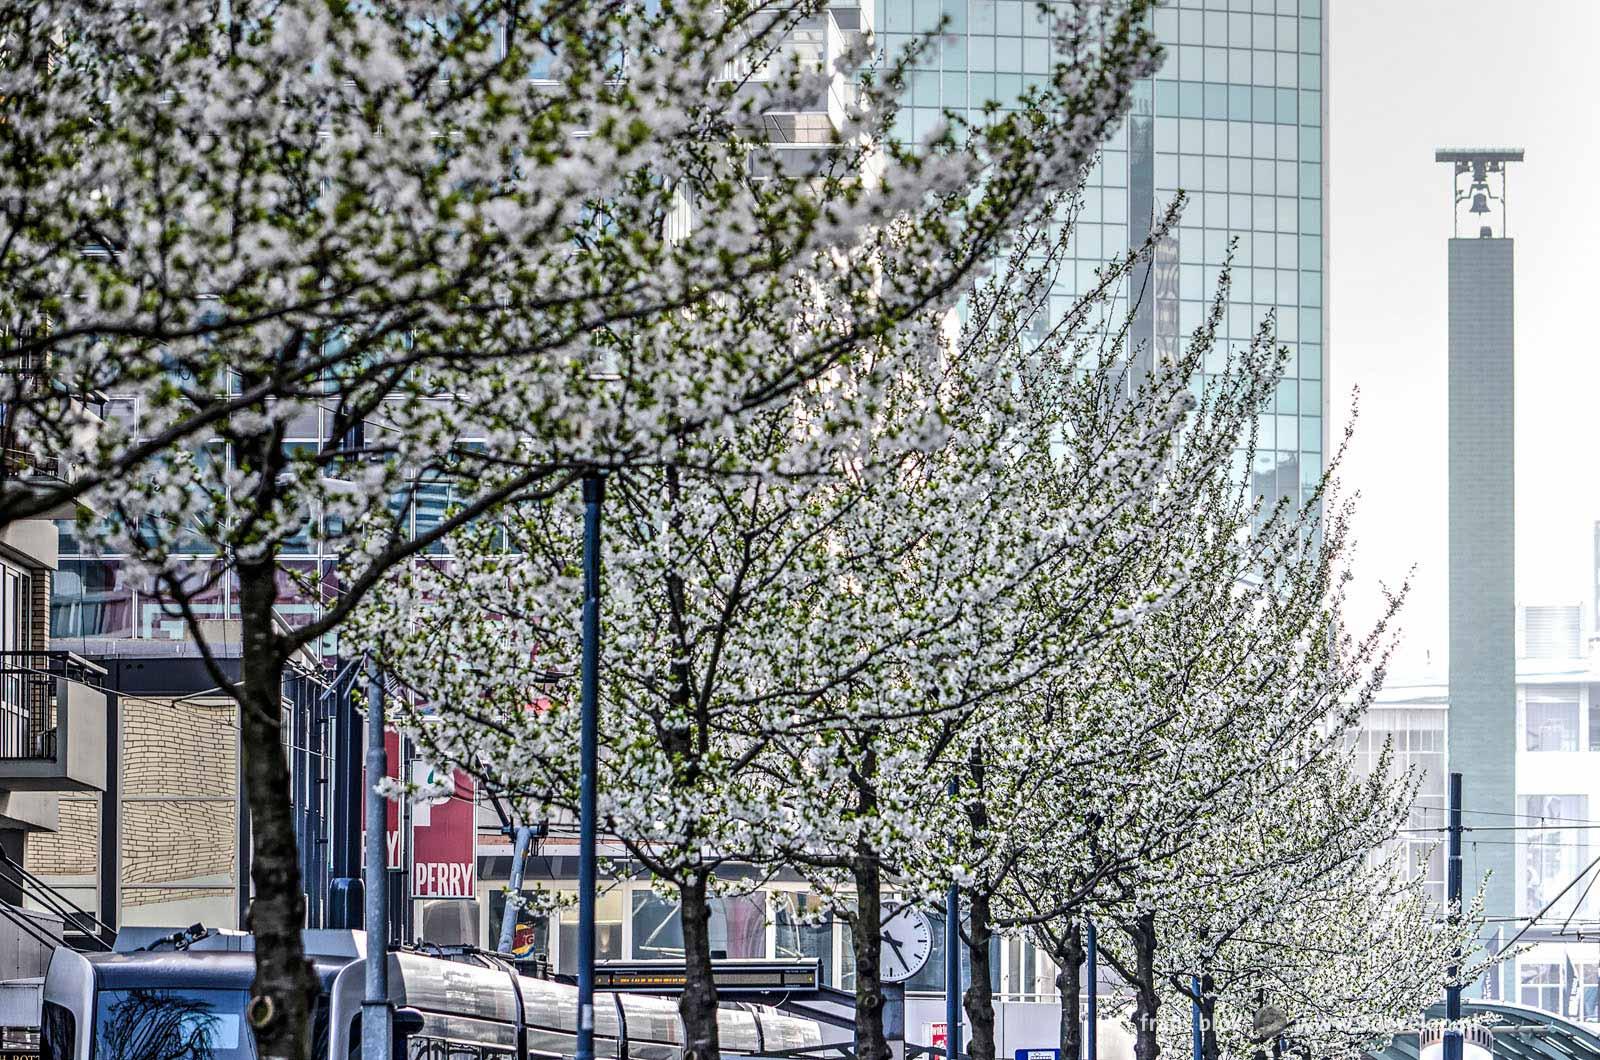 Wit bloeiende kersen op de Van Oldenbarneveltplaats in het centrum van Rotterdam